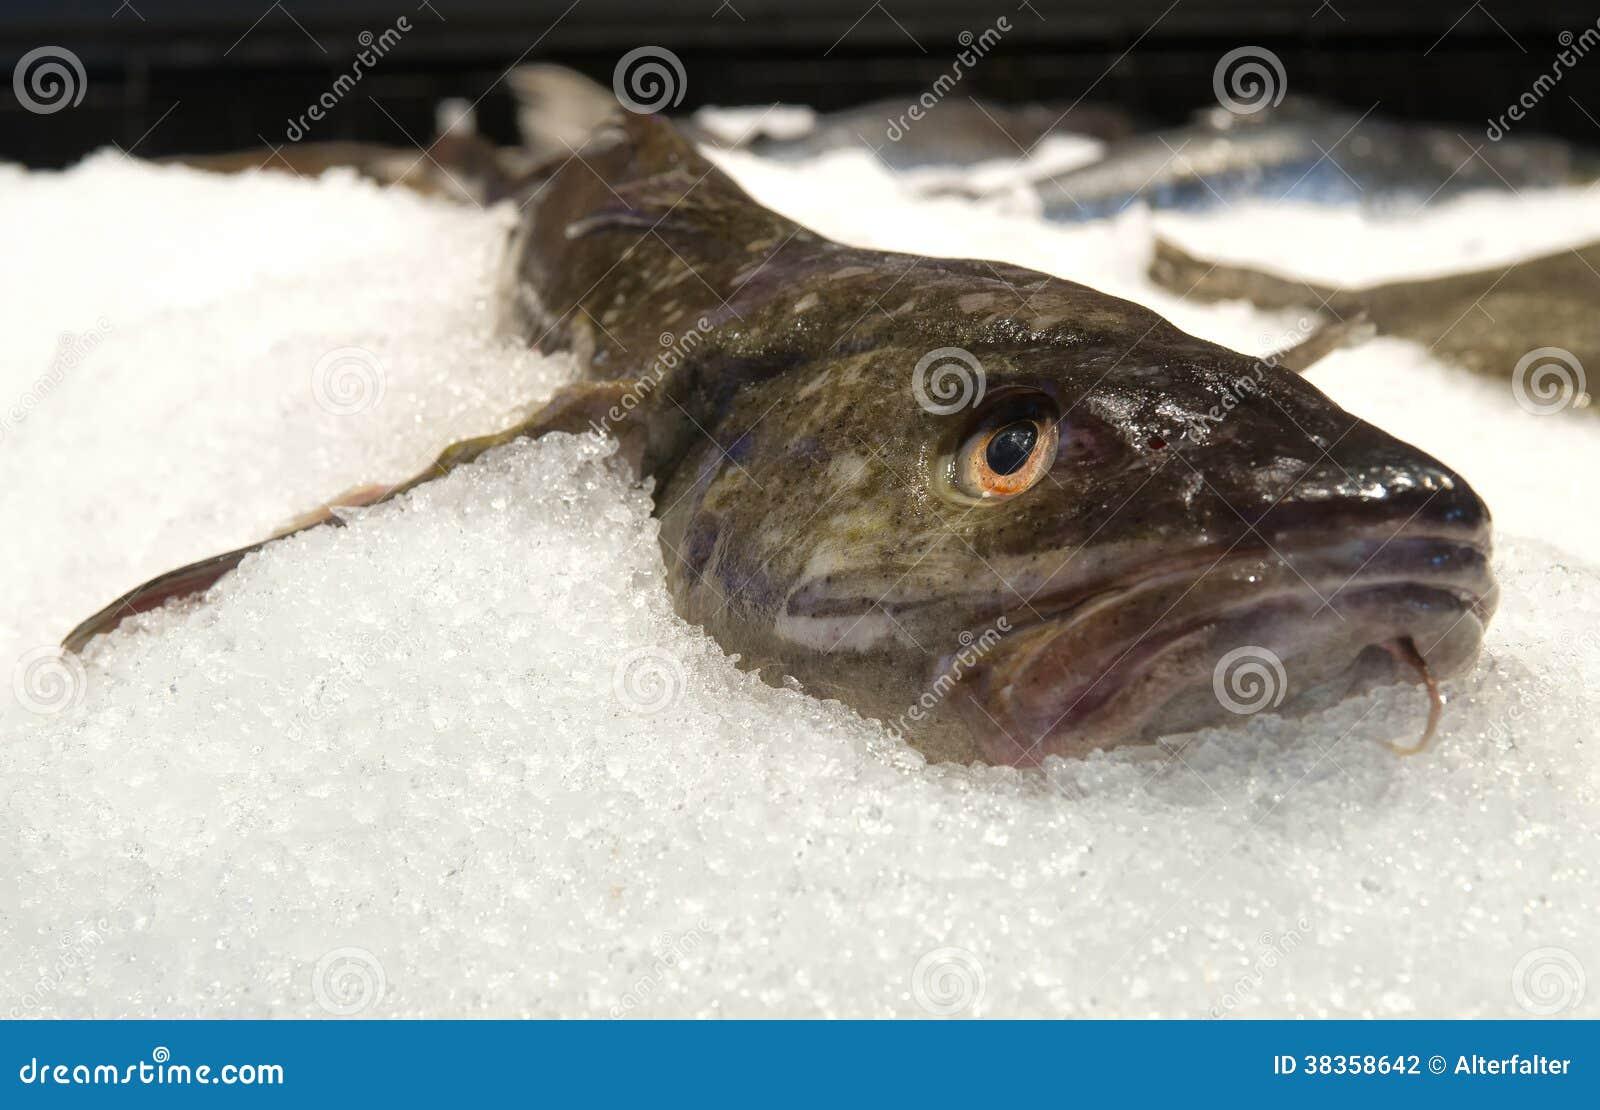 Catfish on ice stock photography image 38358642 for Ice fishing for catfish